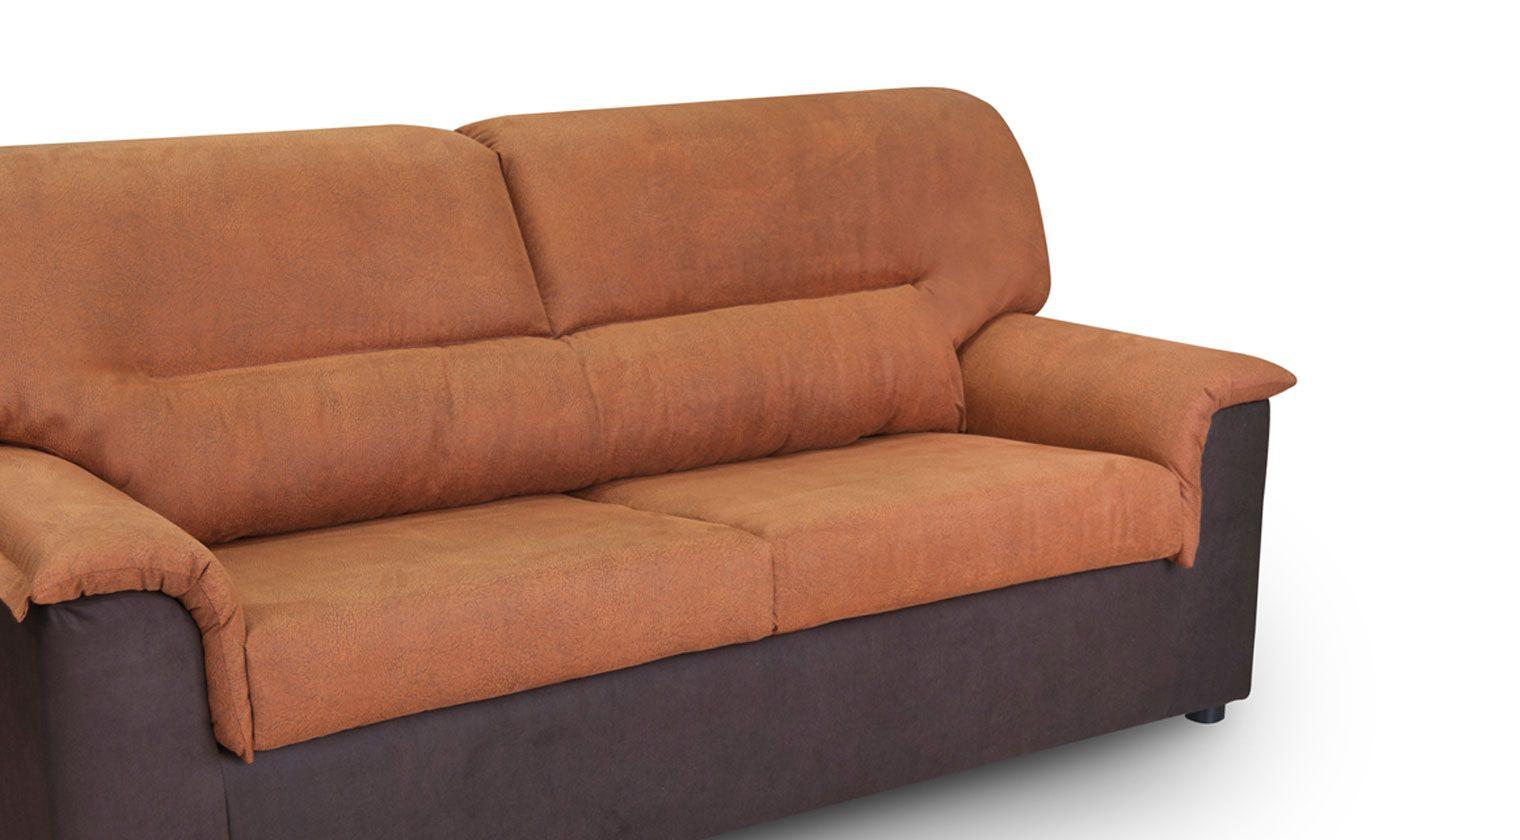 Sof belen sofas de tela - Telas para sofa ...